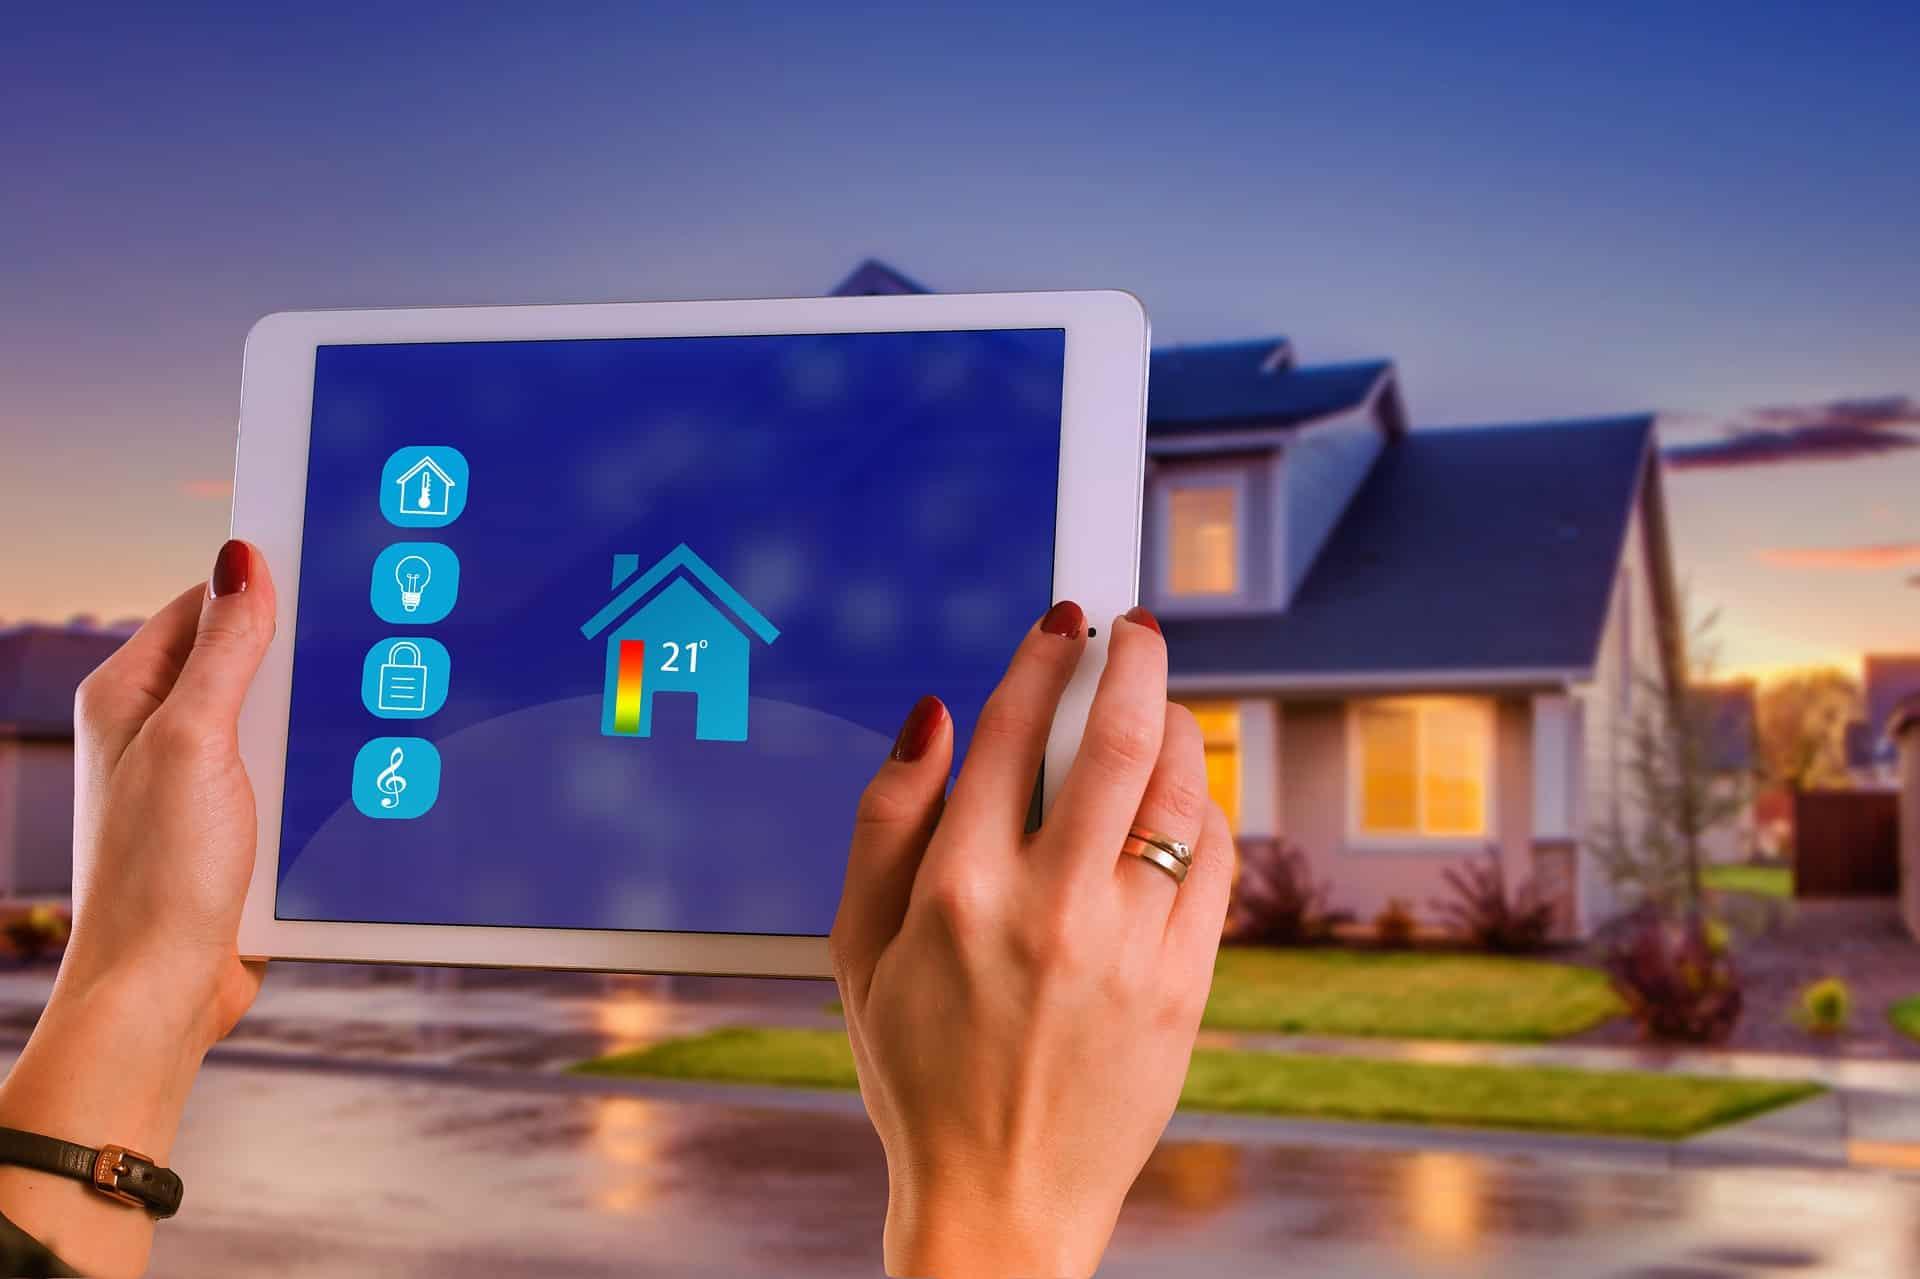 Smart Home Heizung: Test & Empfehlungen (04/21)